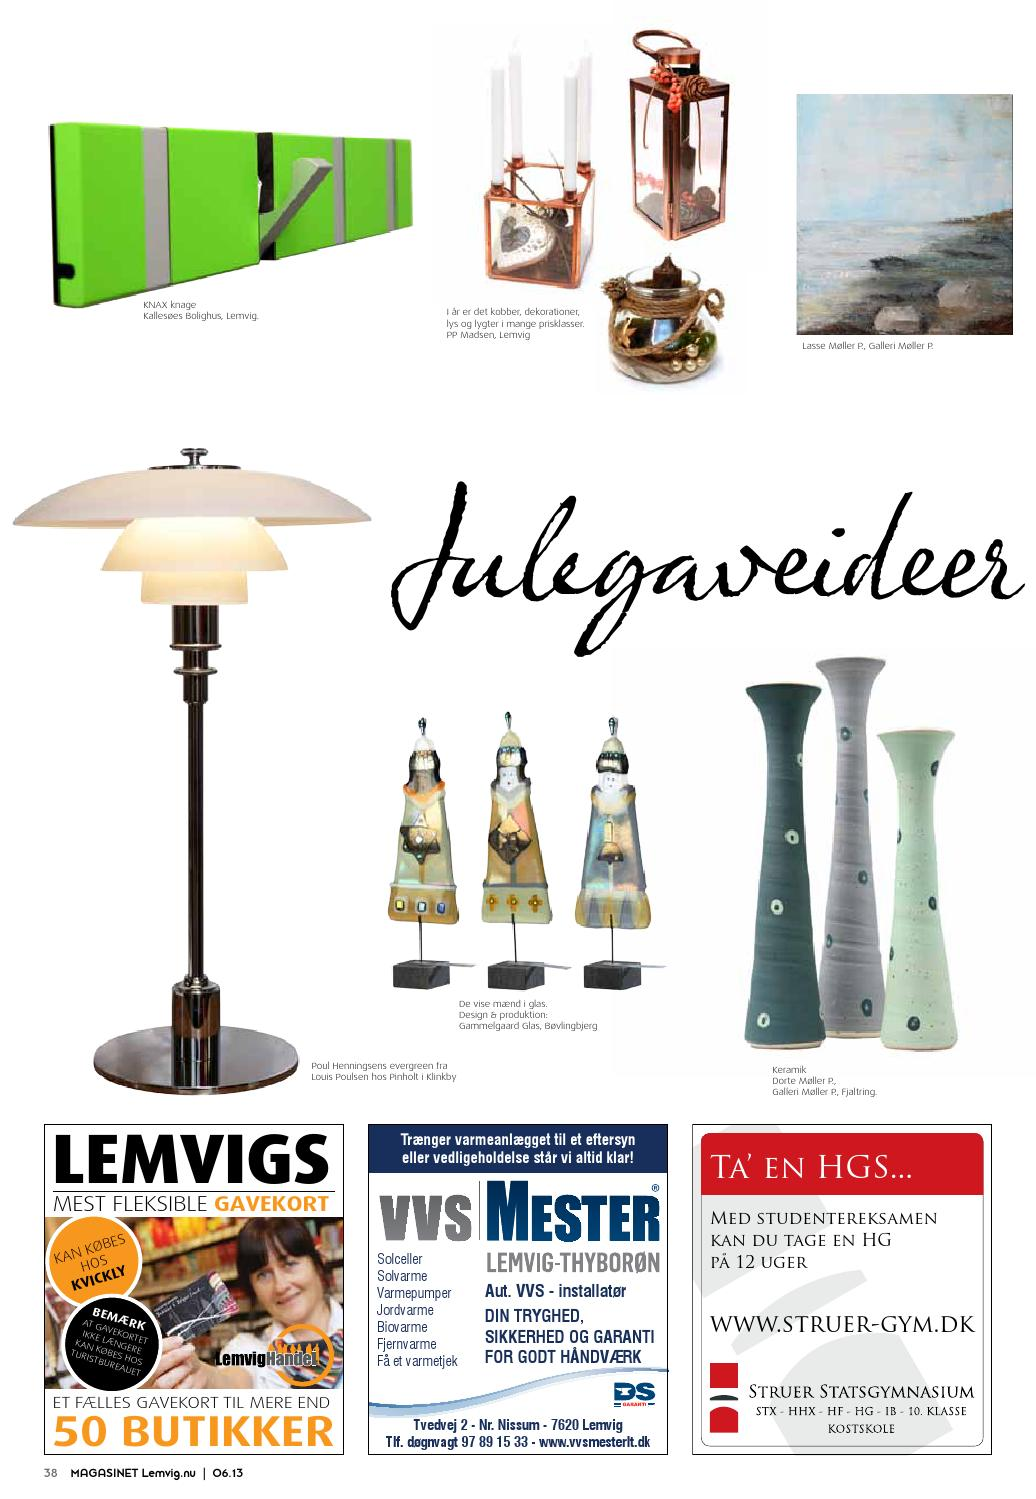 e0321d1fc4f Magasinet Lemvig 0613 by Henrik Vinther Krogh - issuu